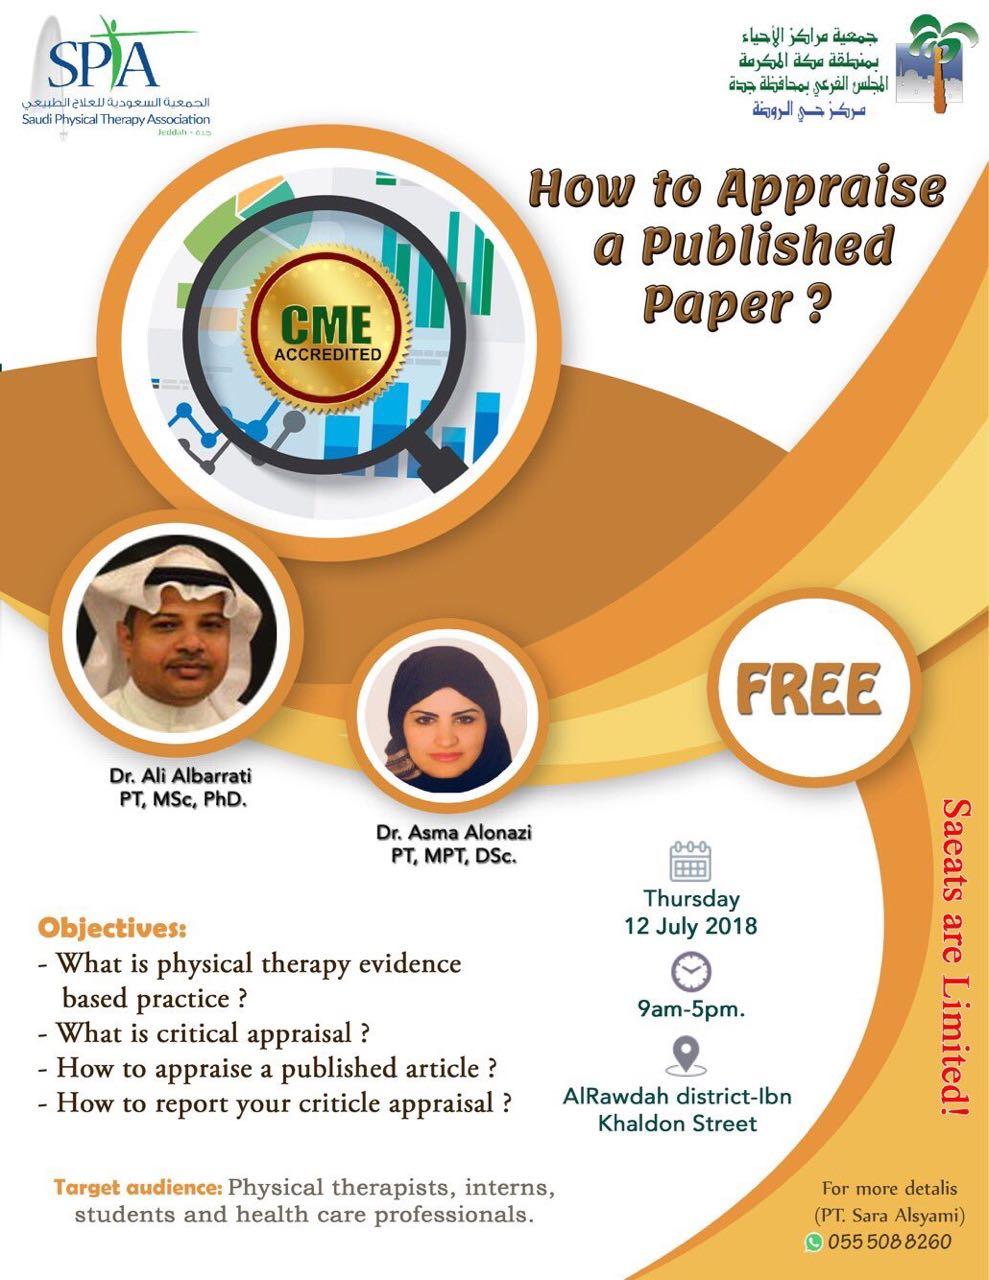 الجمعية السعودية للعلاج الطبيعي فرع محافطة جدة ، تقدم لكم أولى ورشتي العمل المجانية للمختصين والعامة